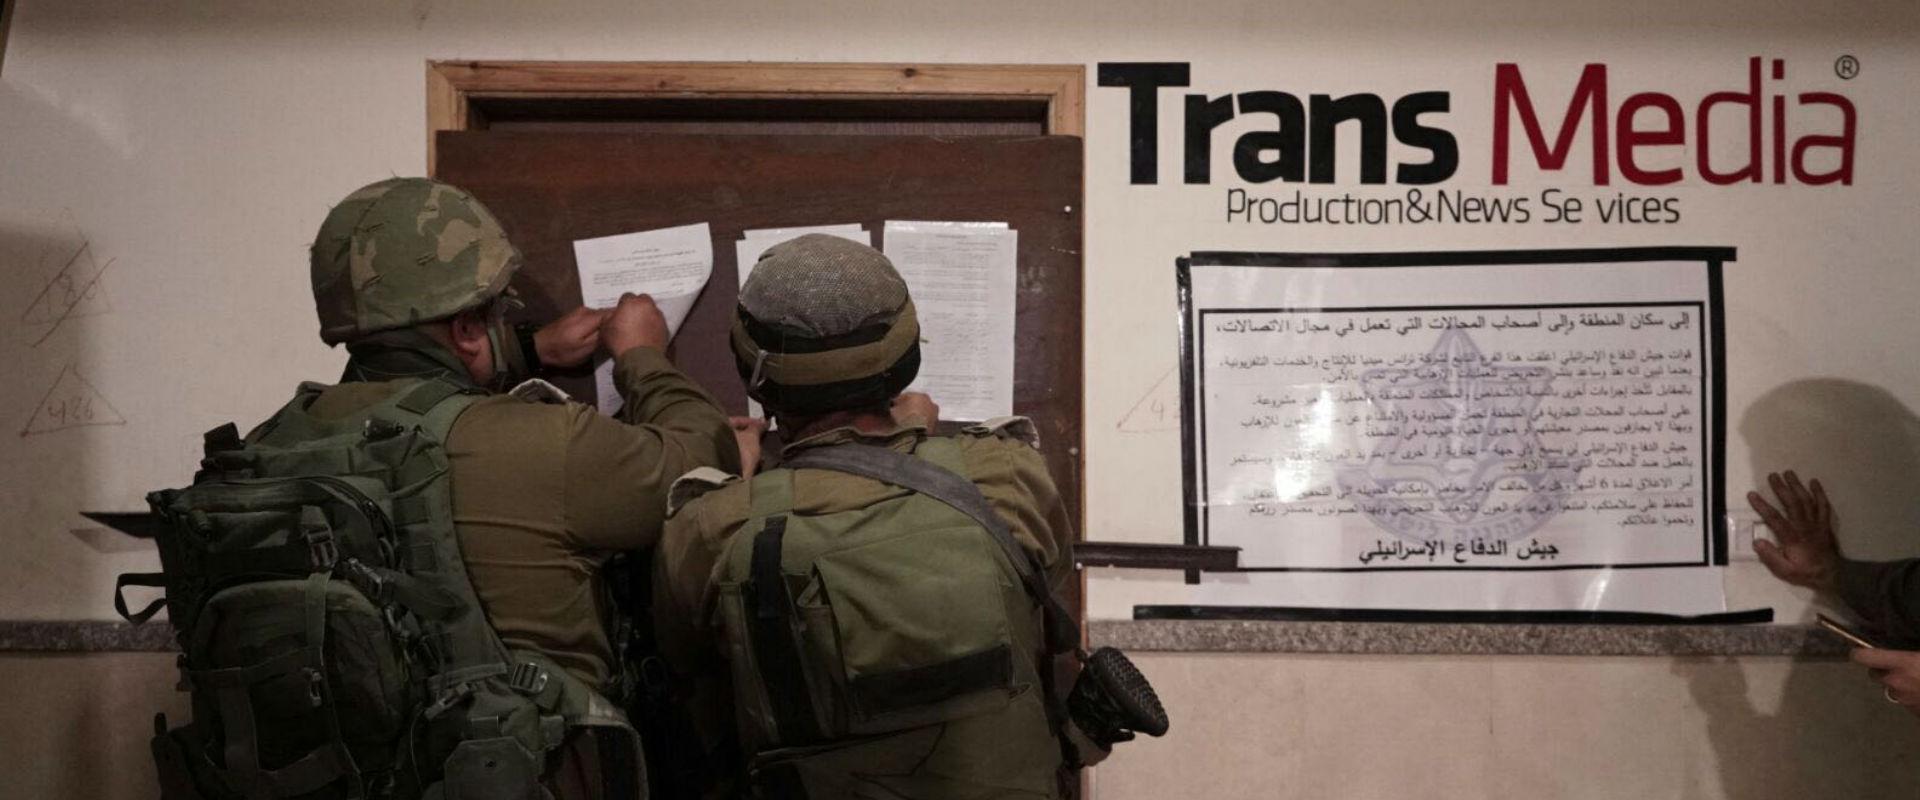 """כוחות צה""""ל מדביקים צווי סגירה במשרדי טרנס מדיה, הל"""